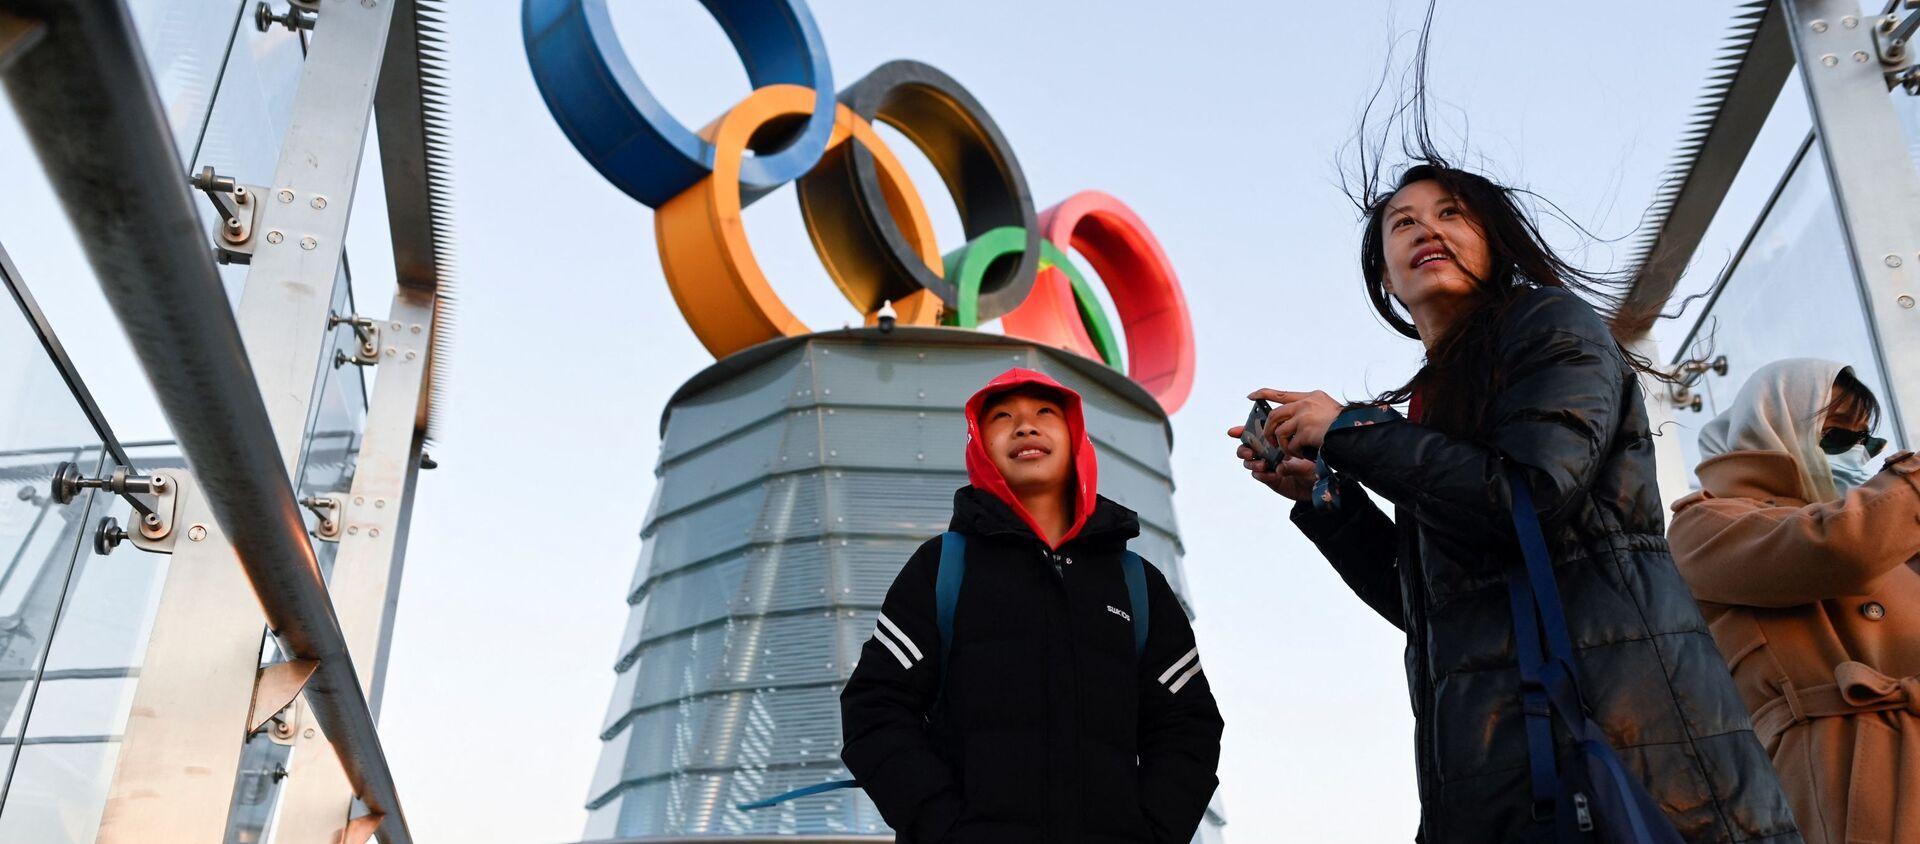 Những người trẻ tuổi gần tháp Olympic Bắc Kinh ở Trung Quốc - Sputnik Việt Nam, 1920, 08.06.2021